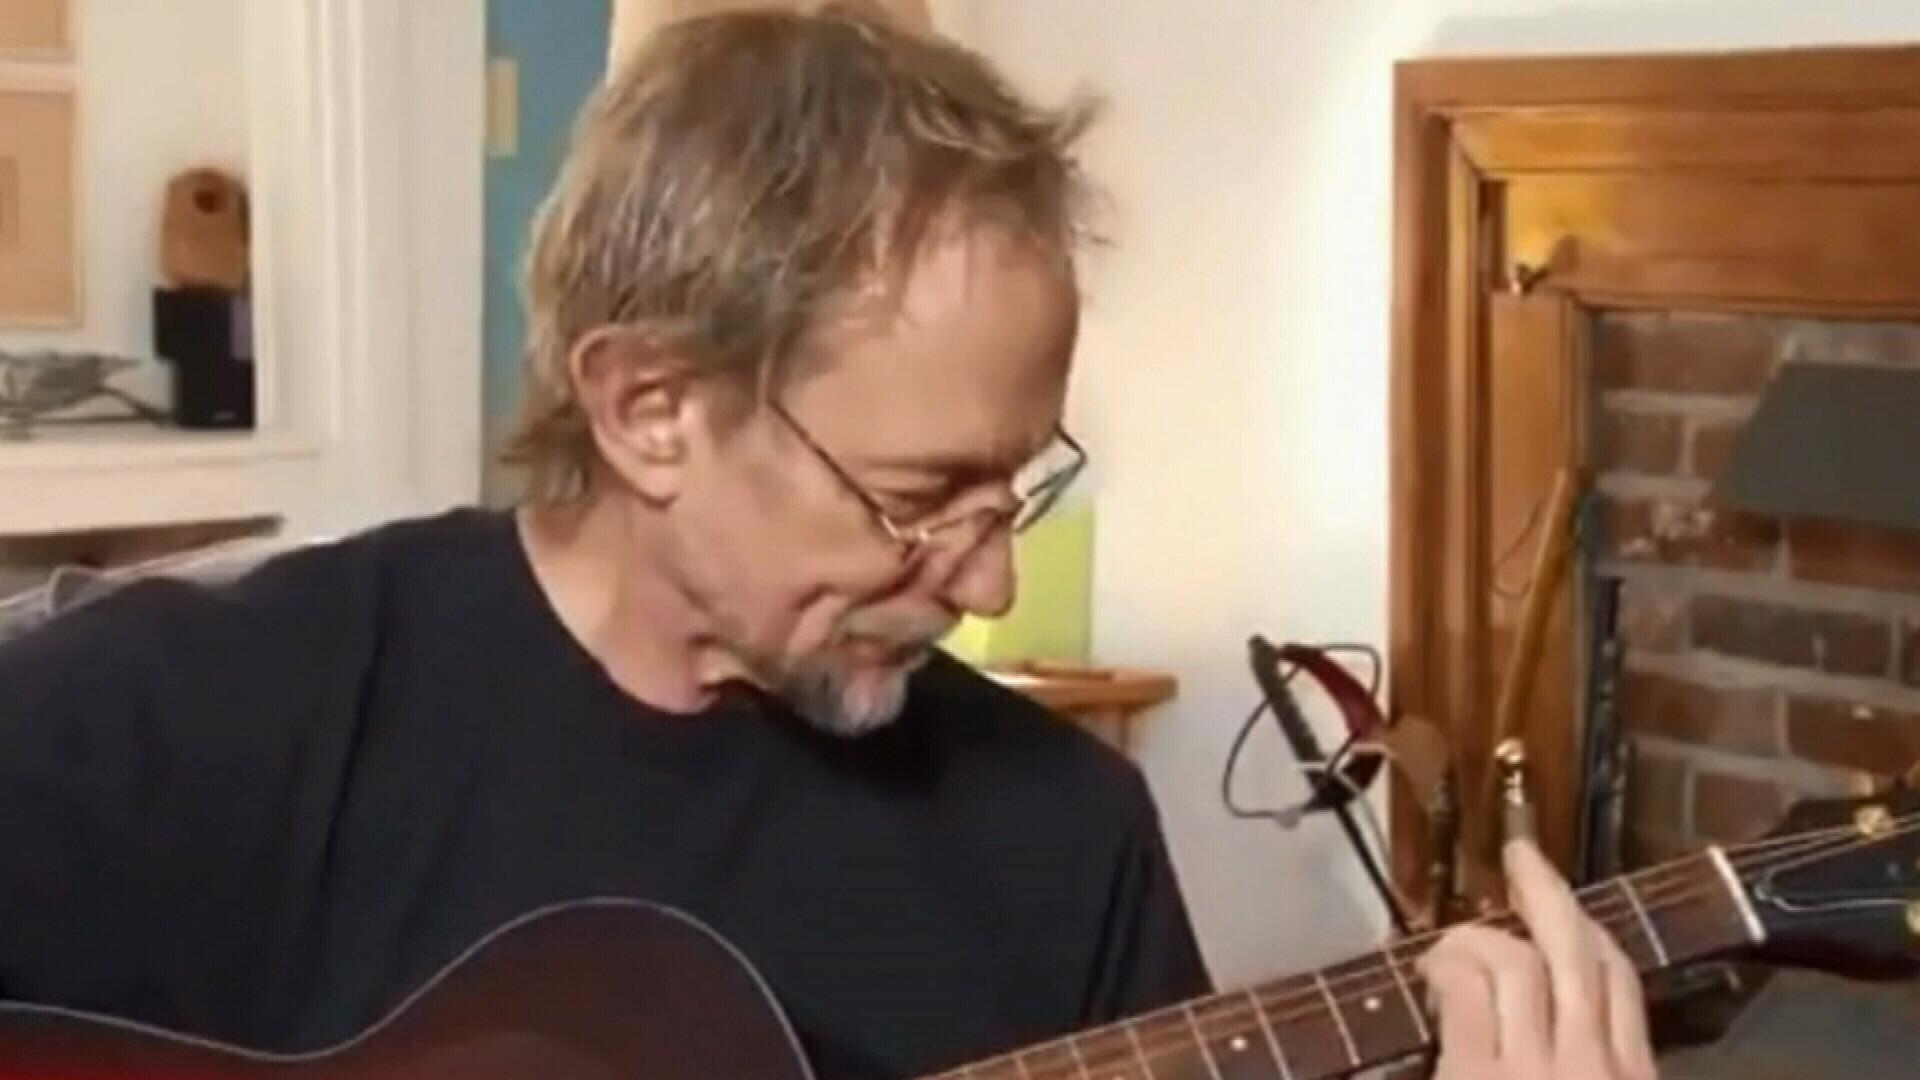 'The Monkees' bassist Peter Tork dies aged 77